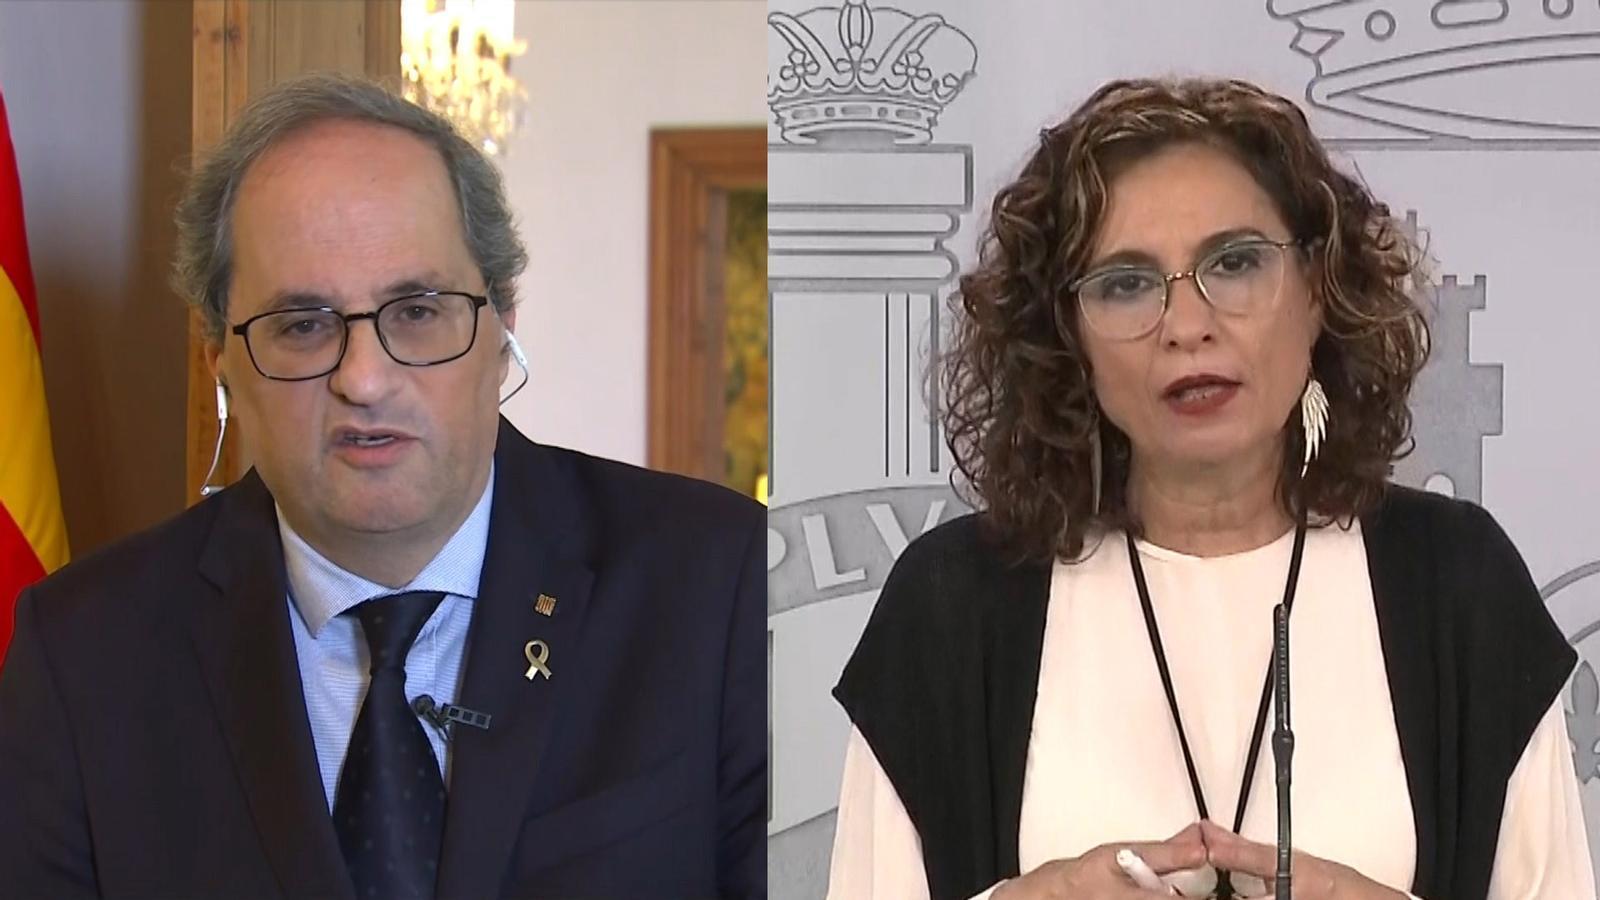 El govern espanyol no accepta el mètode de càlcul de mortalitat de Catalunya: les claus del dia, amb Antoni Bassas (17/04/2020)